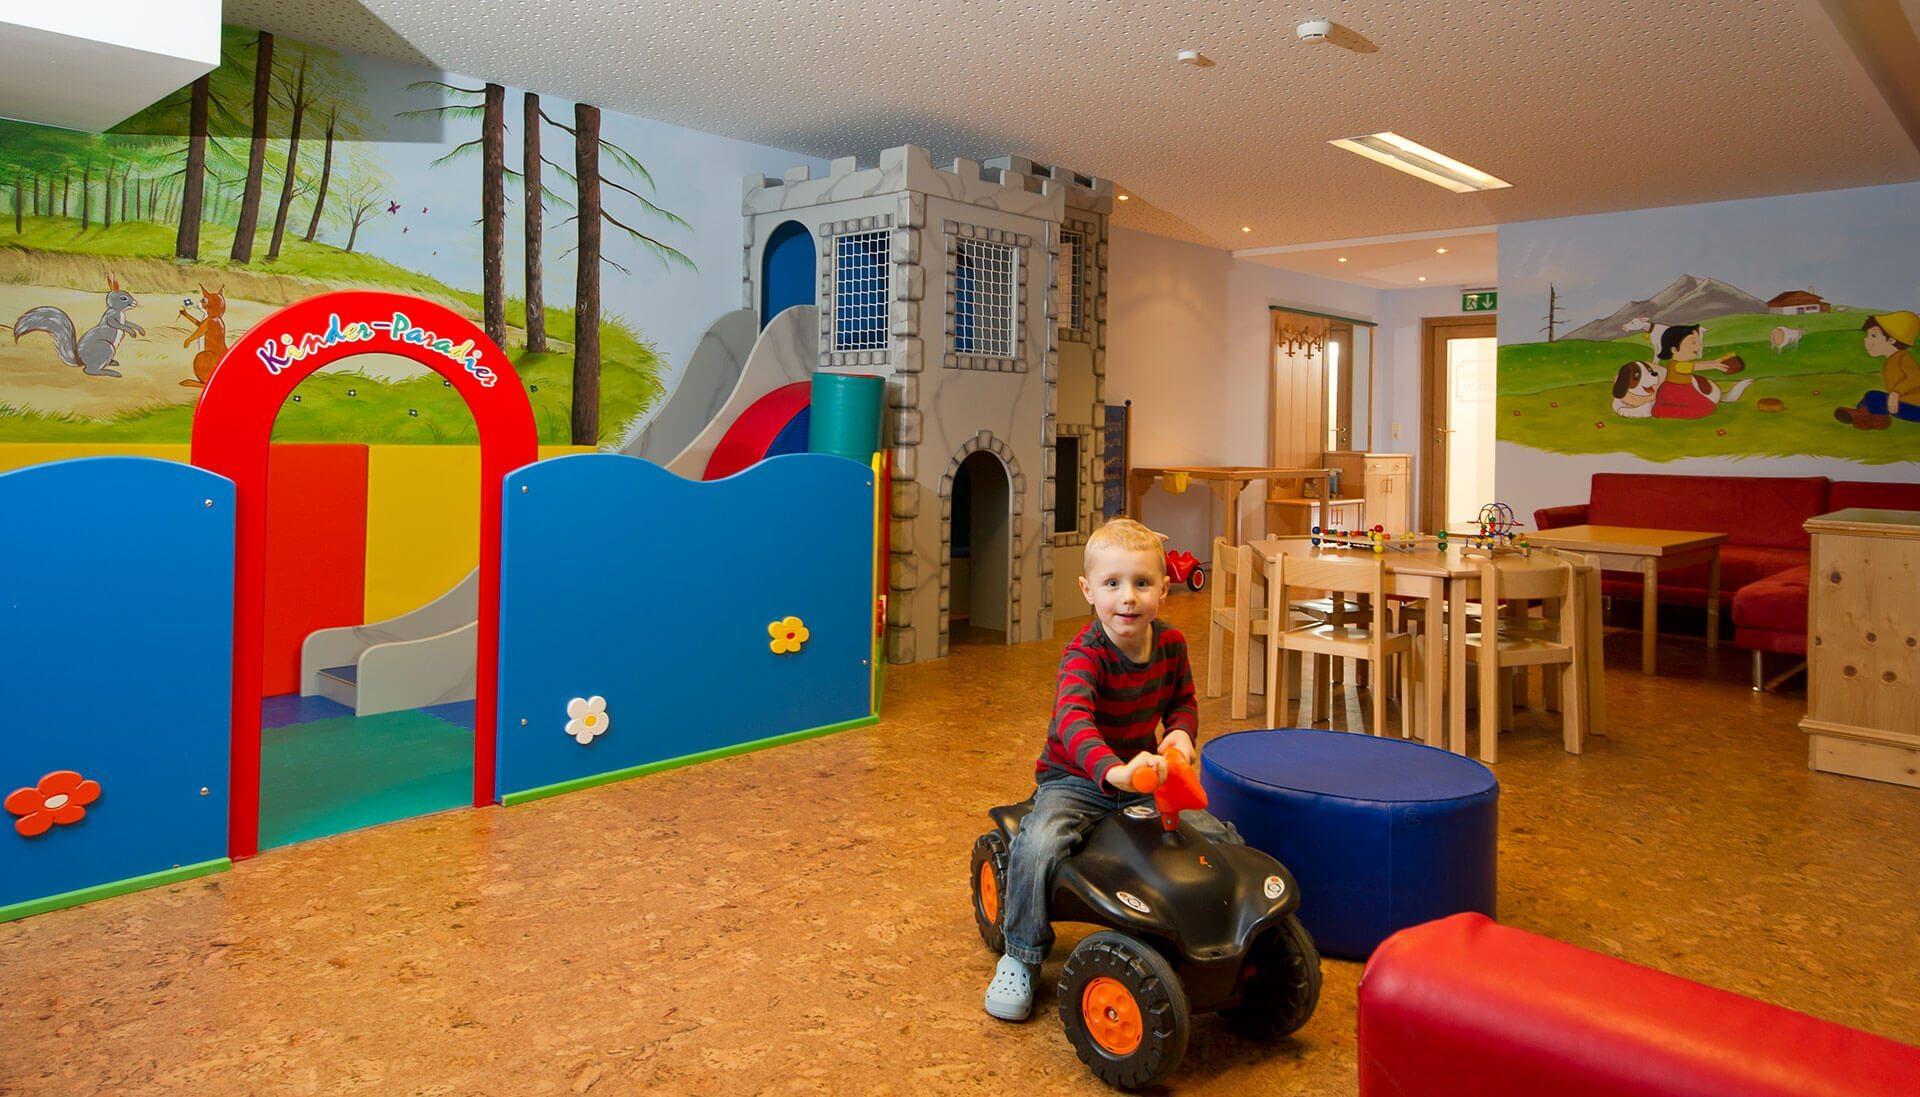 Kinderspielraum im Hotel Salzburger Hof - Familienhotel in Österreich